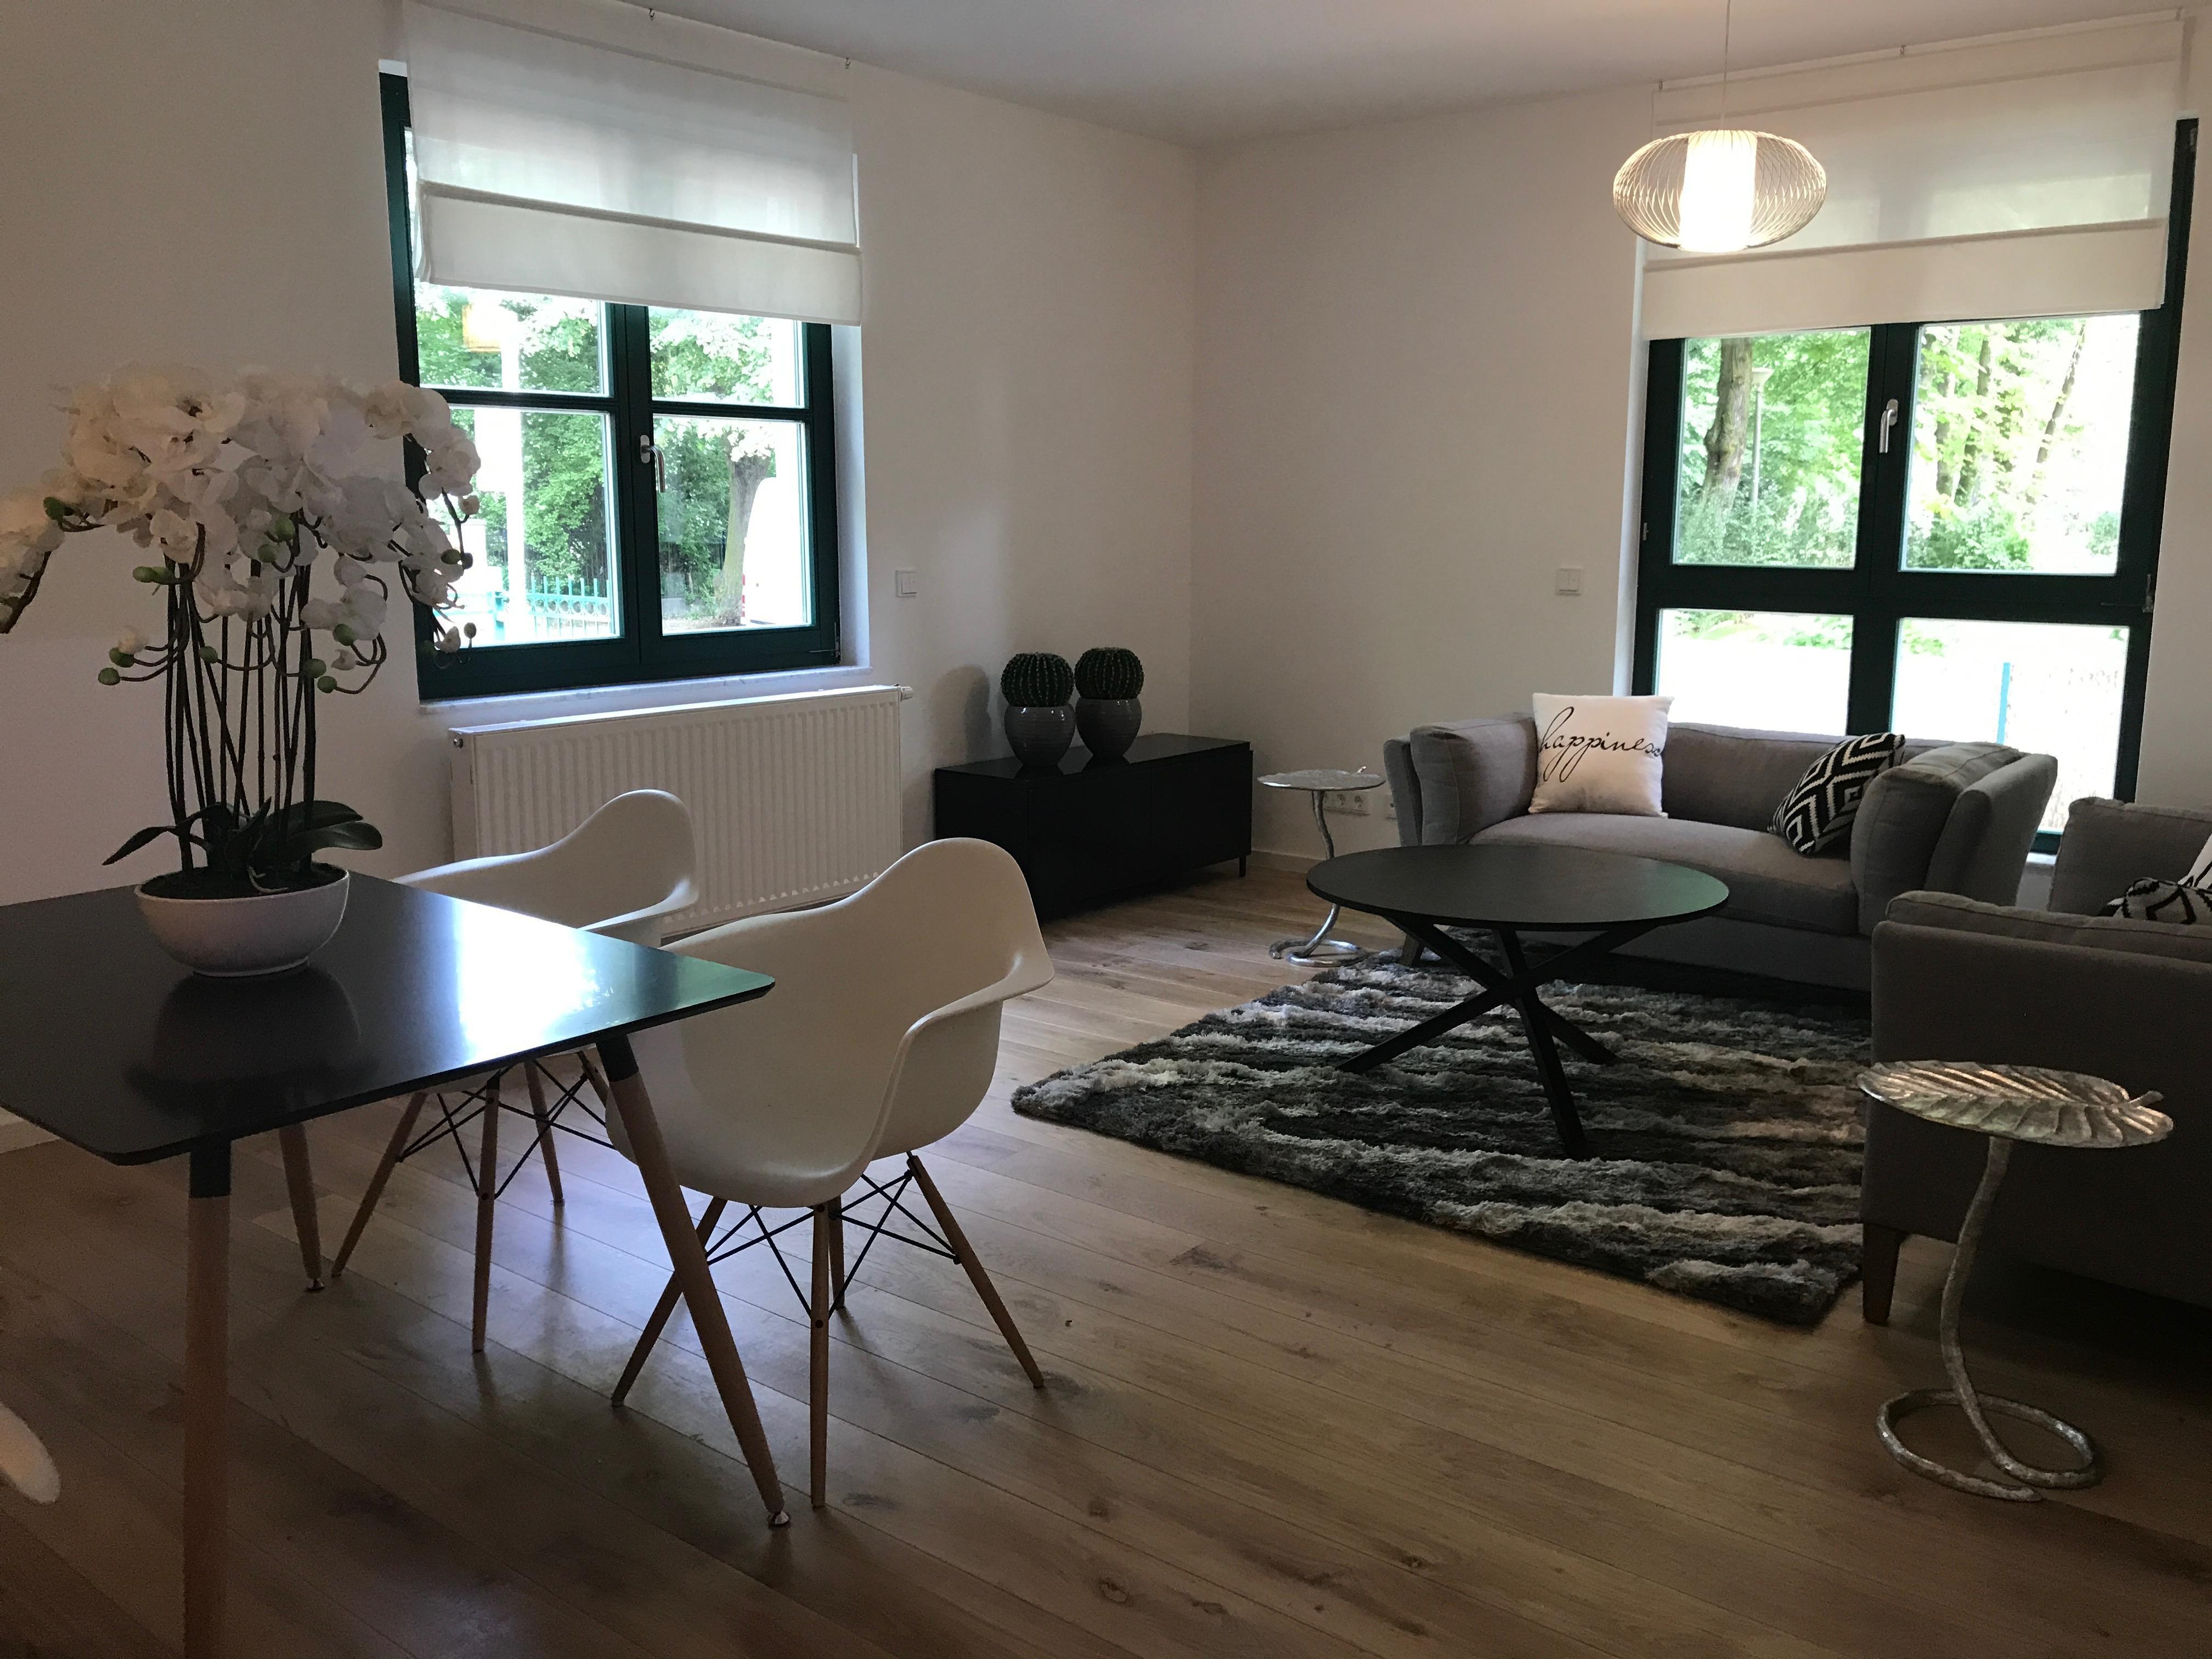 Wohnbereich Mit Essecke #wohnzimmer #essecke ©Miracle Room